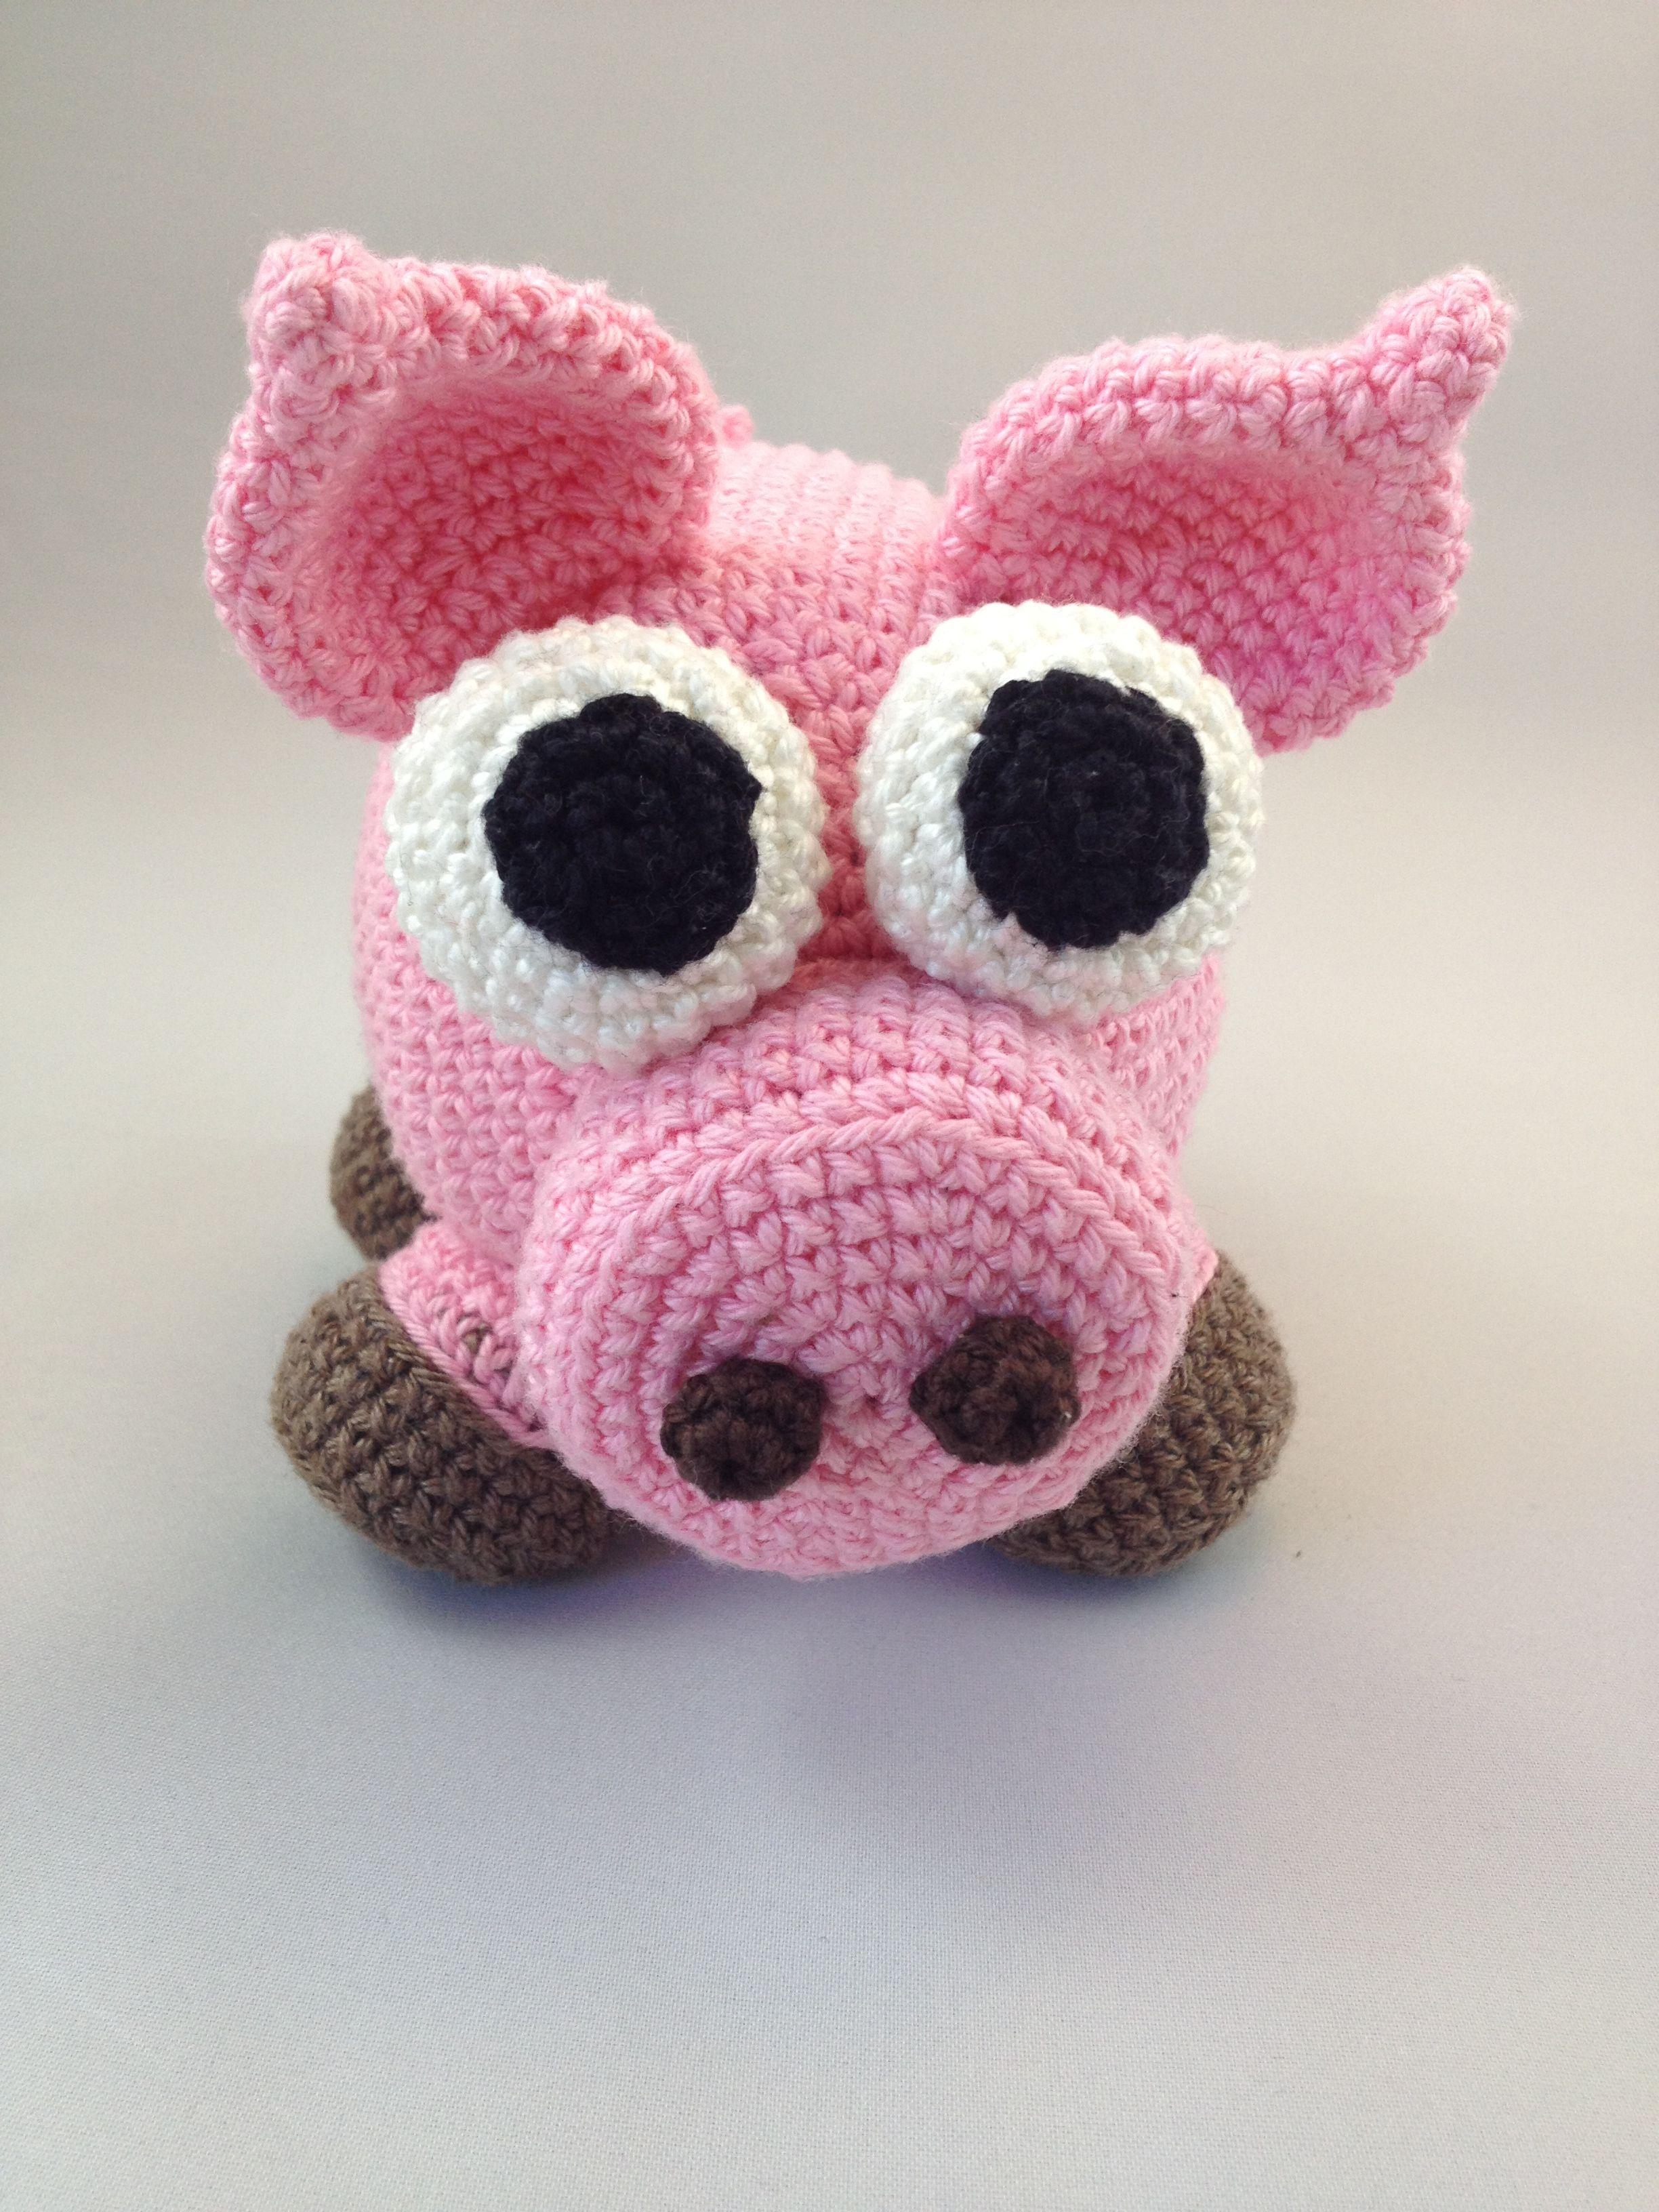 Piglet Amigurumi Free Pattern : Free crochet pattern from jo s crocheteria